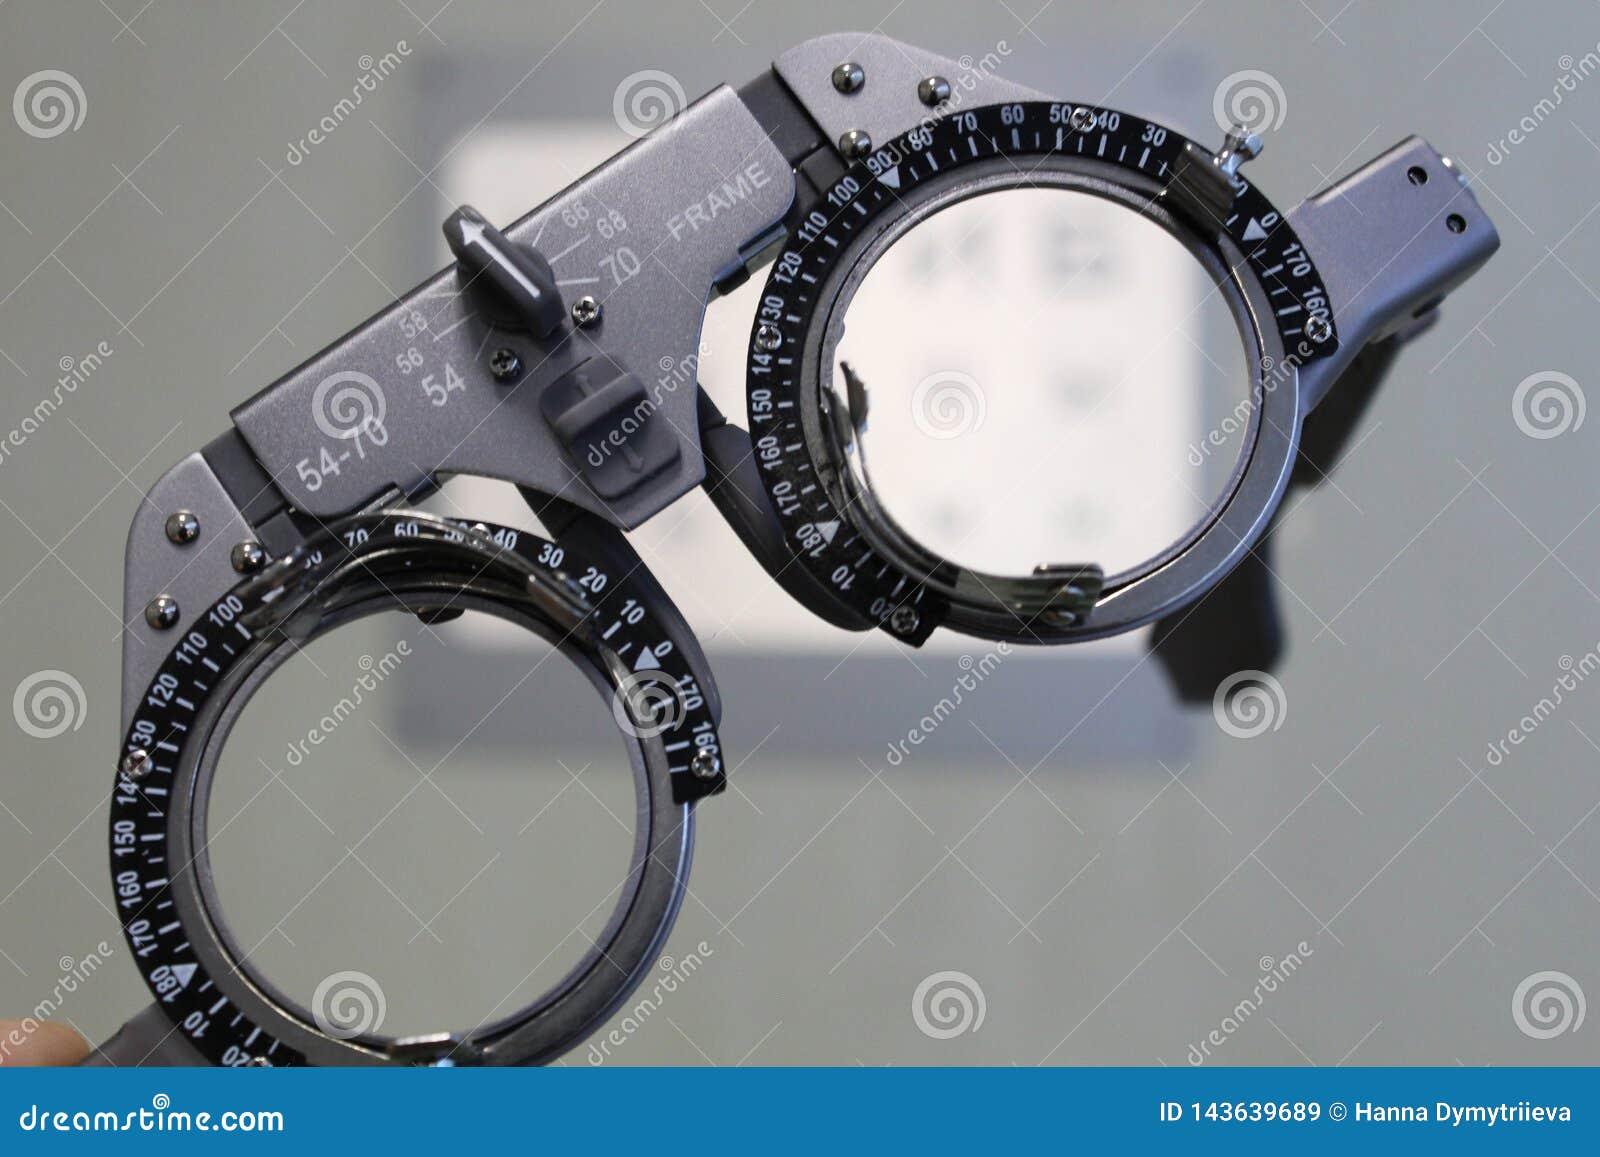 Kontrollexponeringsglas för visuell skärpa